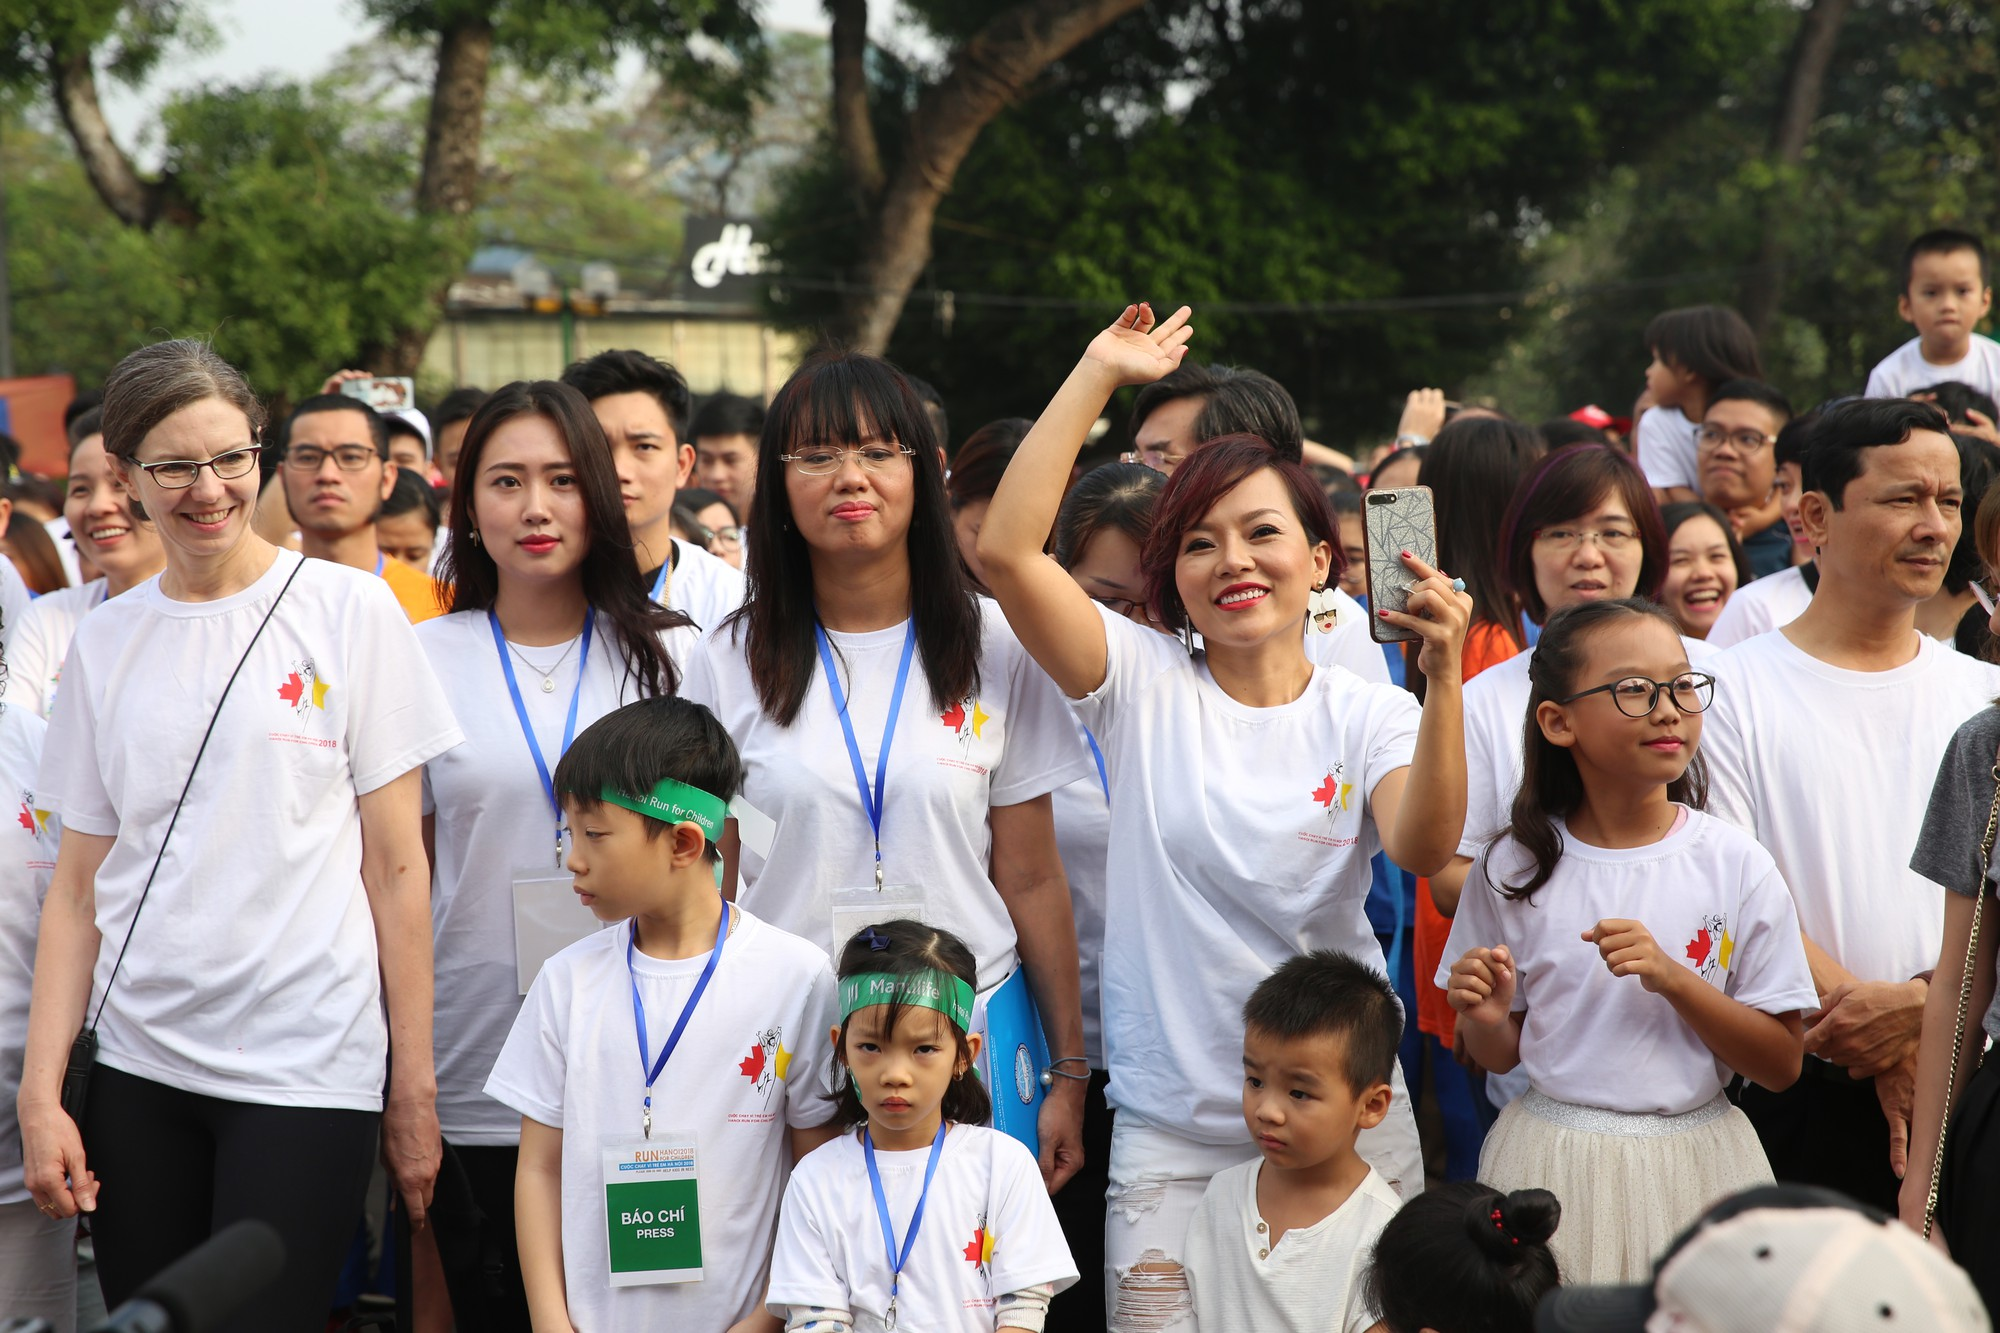 Chạy vì trẻ em Hà Nội 2018 thu hút hàng nghìn người tham dự, quyên góp hơn 1 tỷ đồng - Ảnh 8.